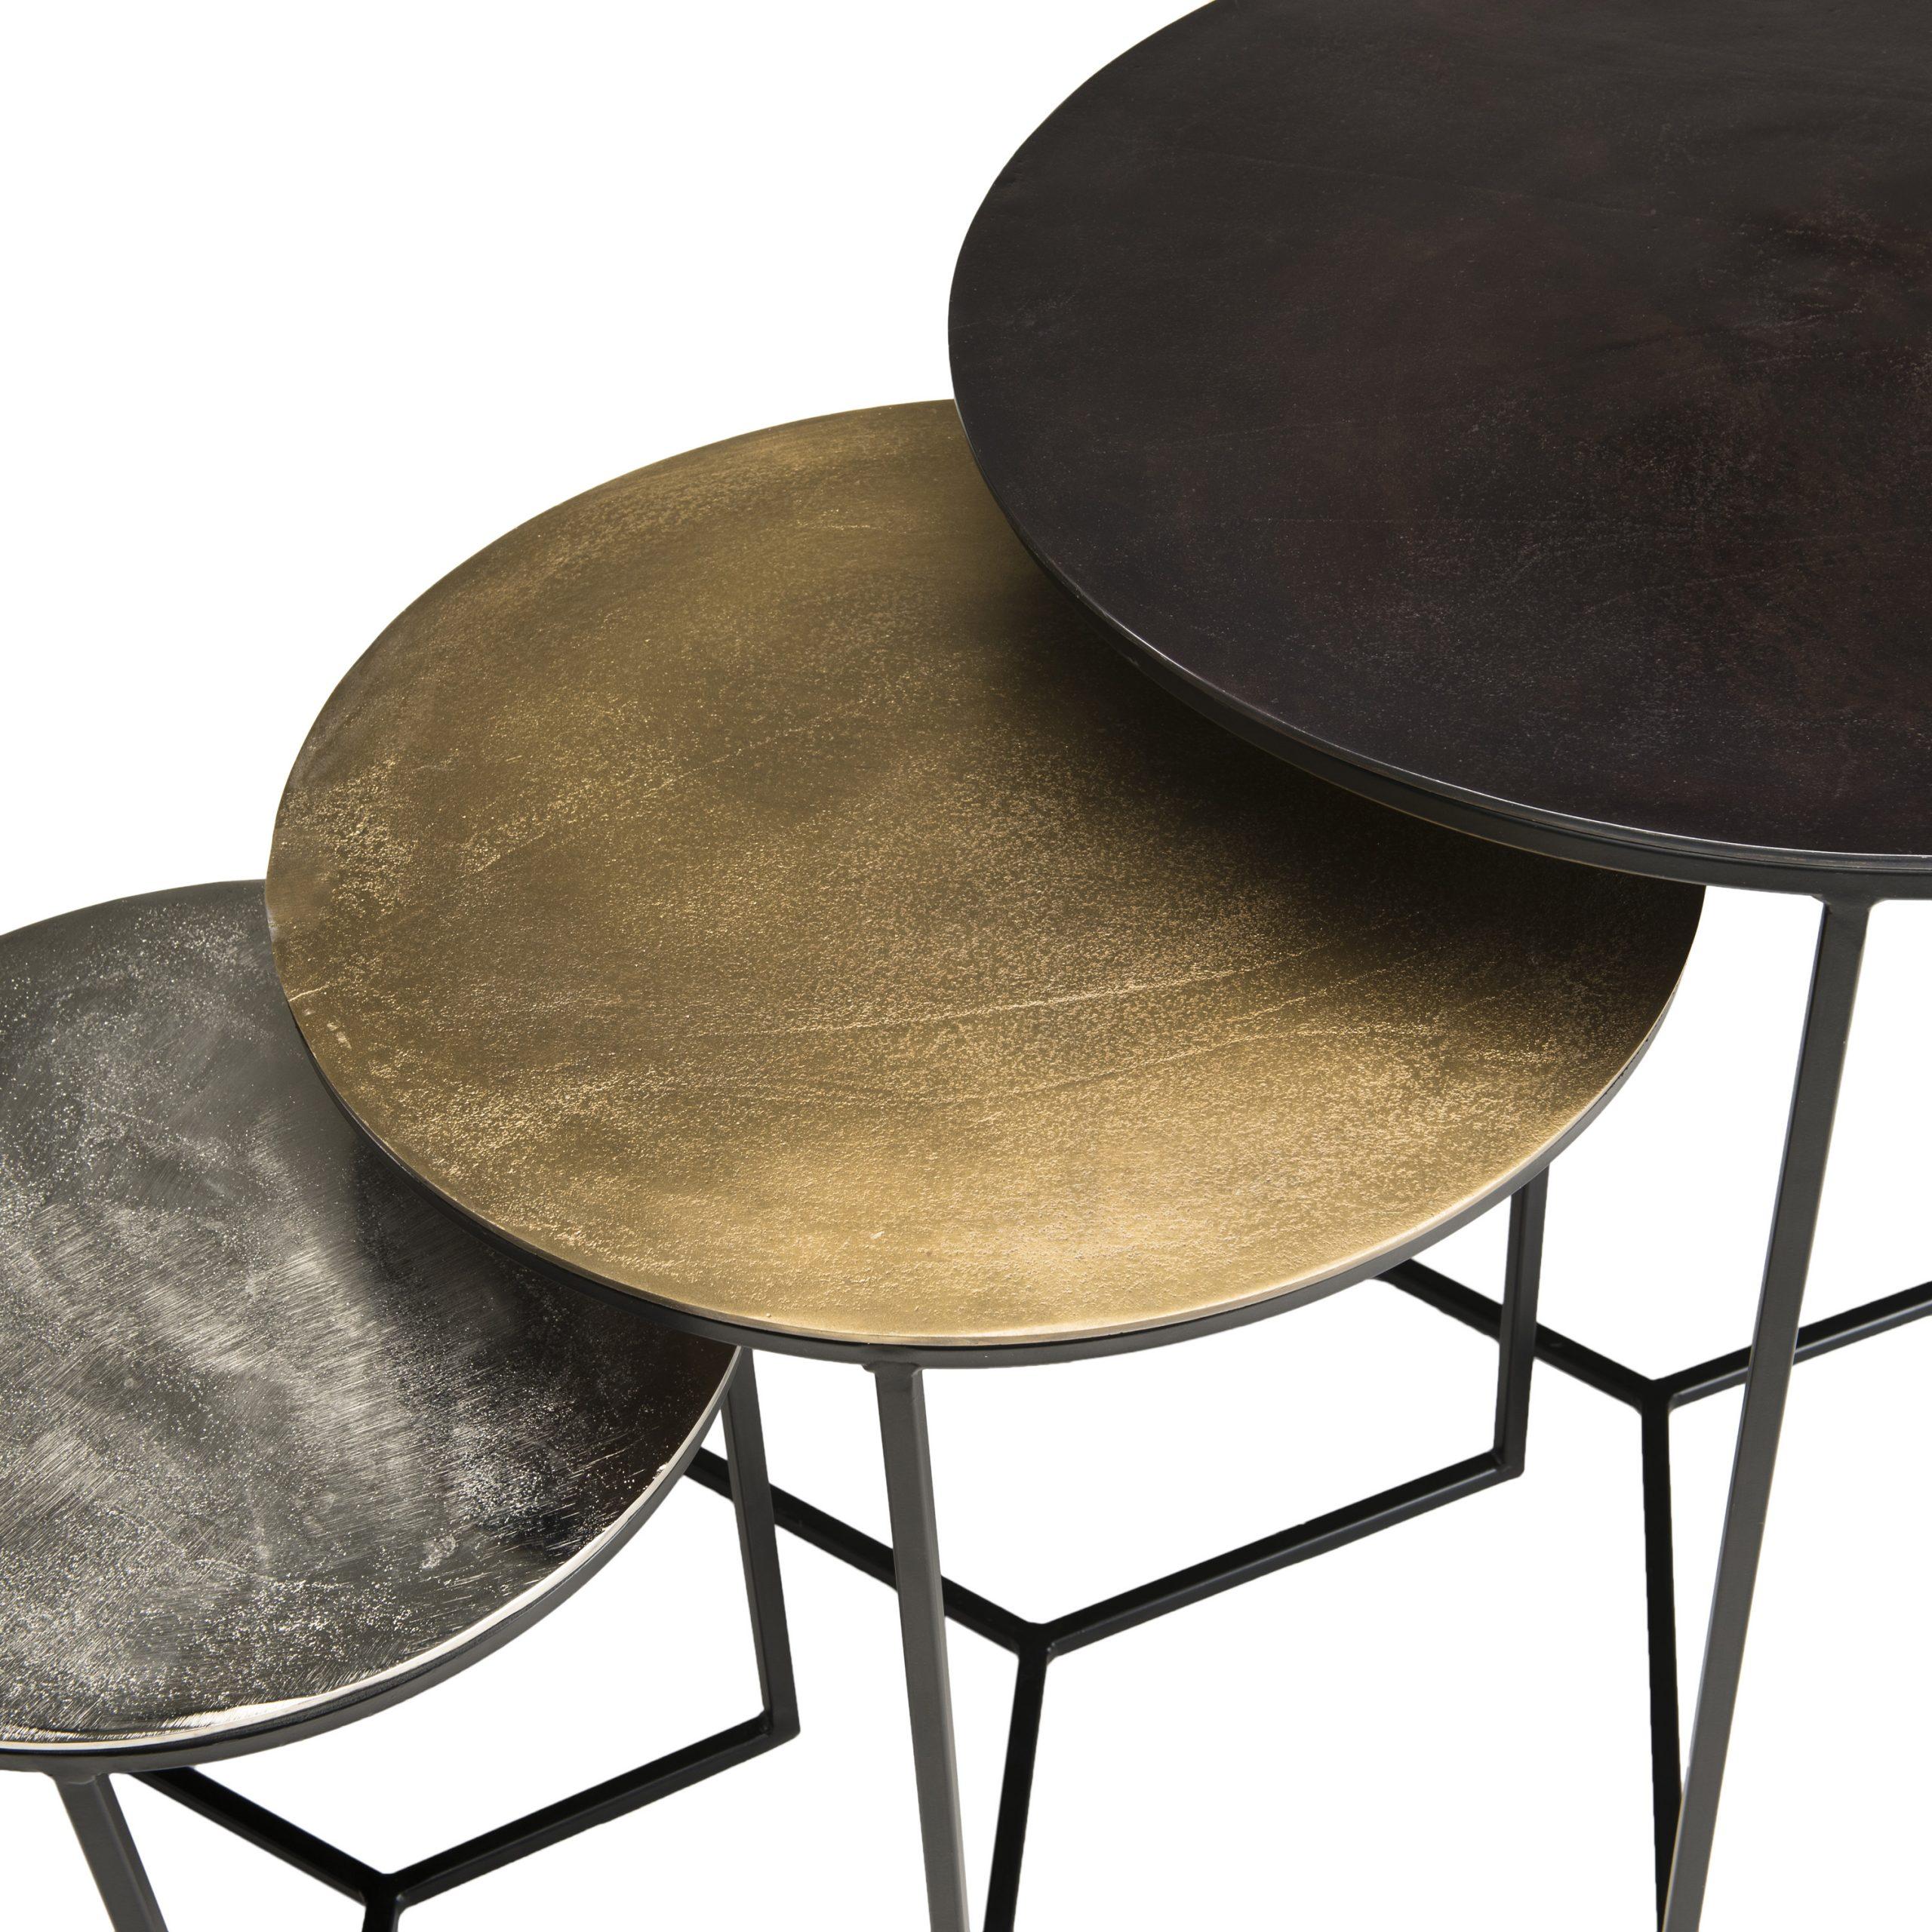 Des tables basses imbriquées qui économisent de l'espace et ajoutent du style